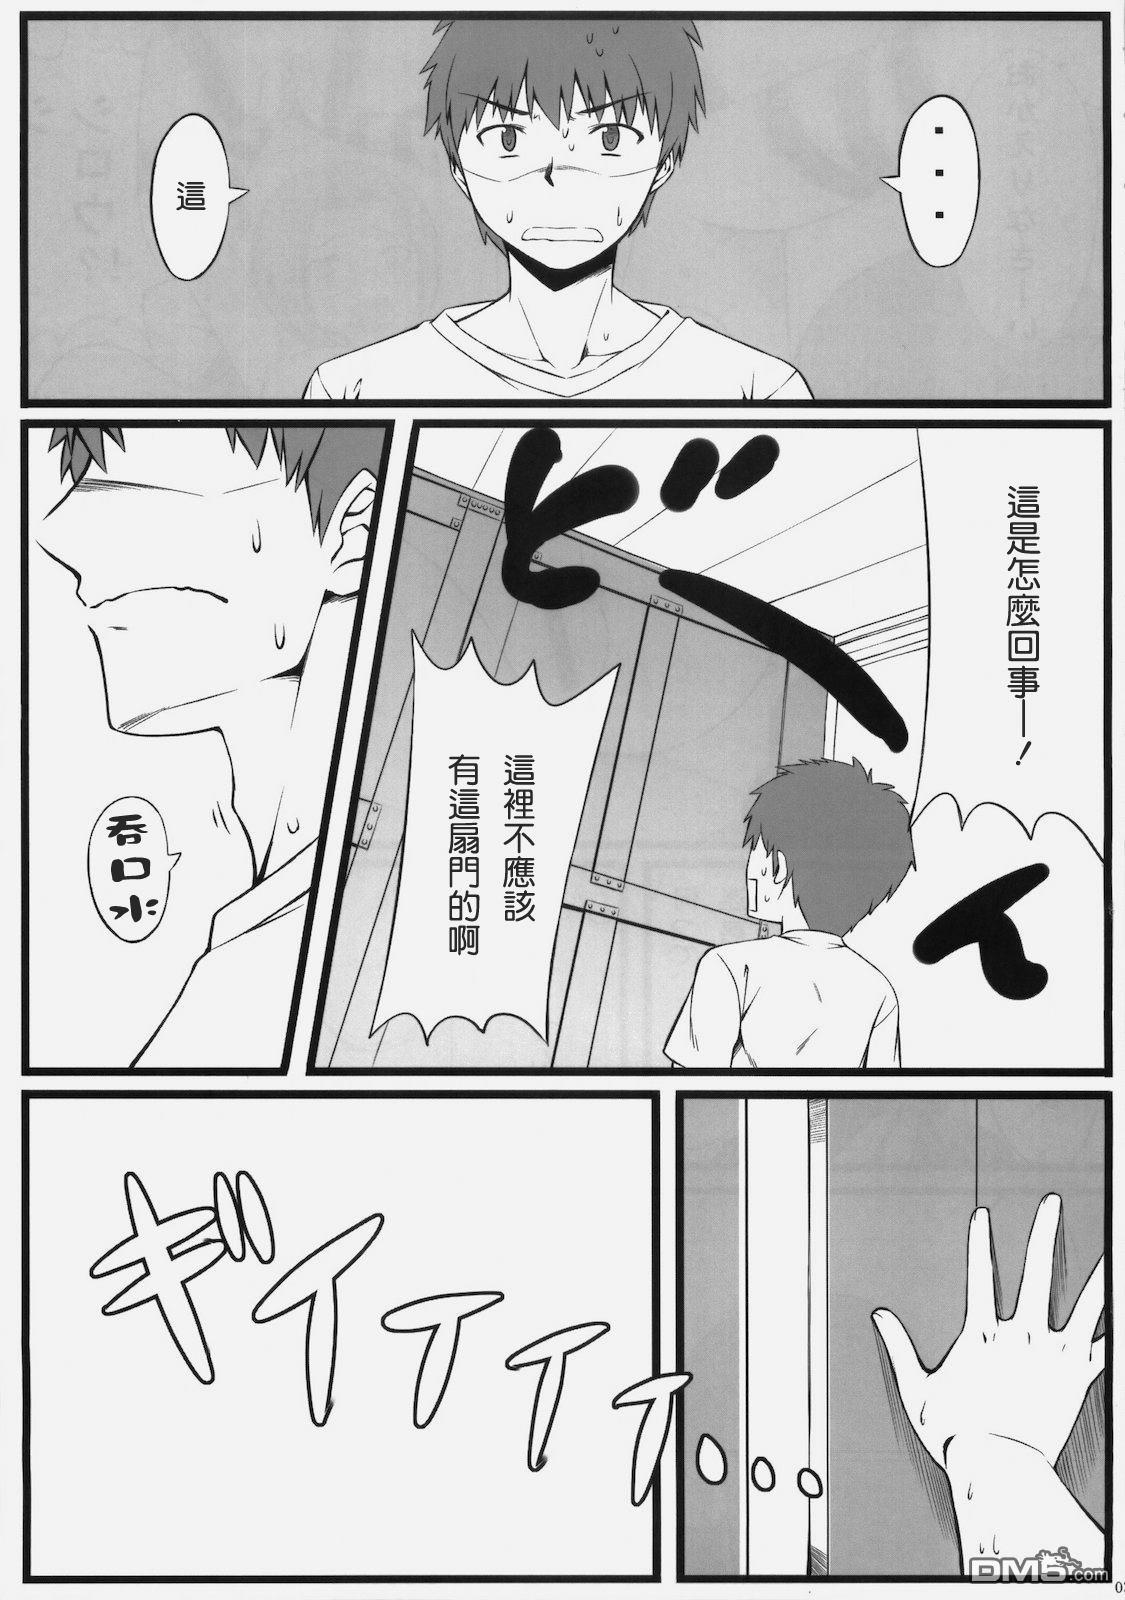 Fate 18R遠坂凜的家計事漫畫Fate 18R遠坂凜的家計事外傳:第3話(第4頁)劇情-二次元動漫